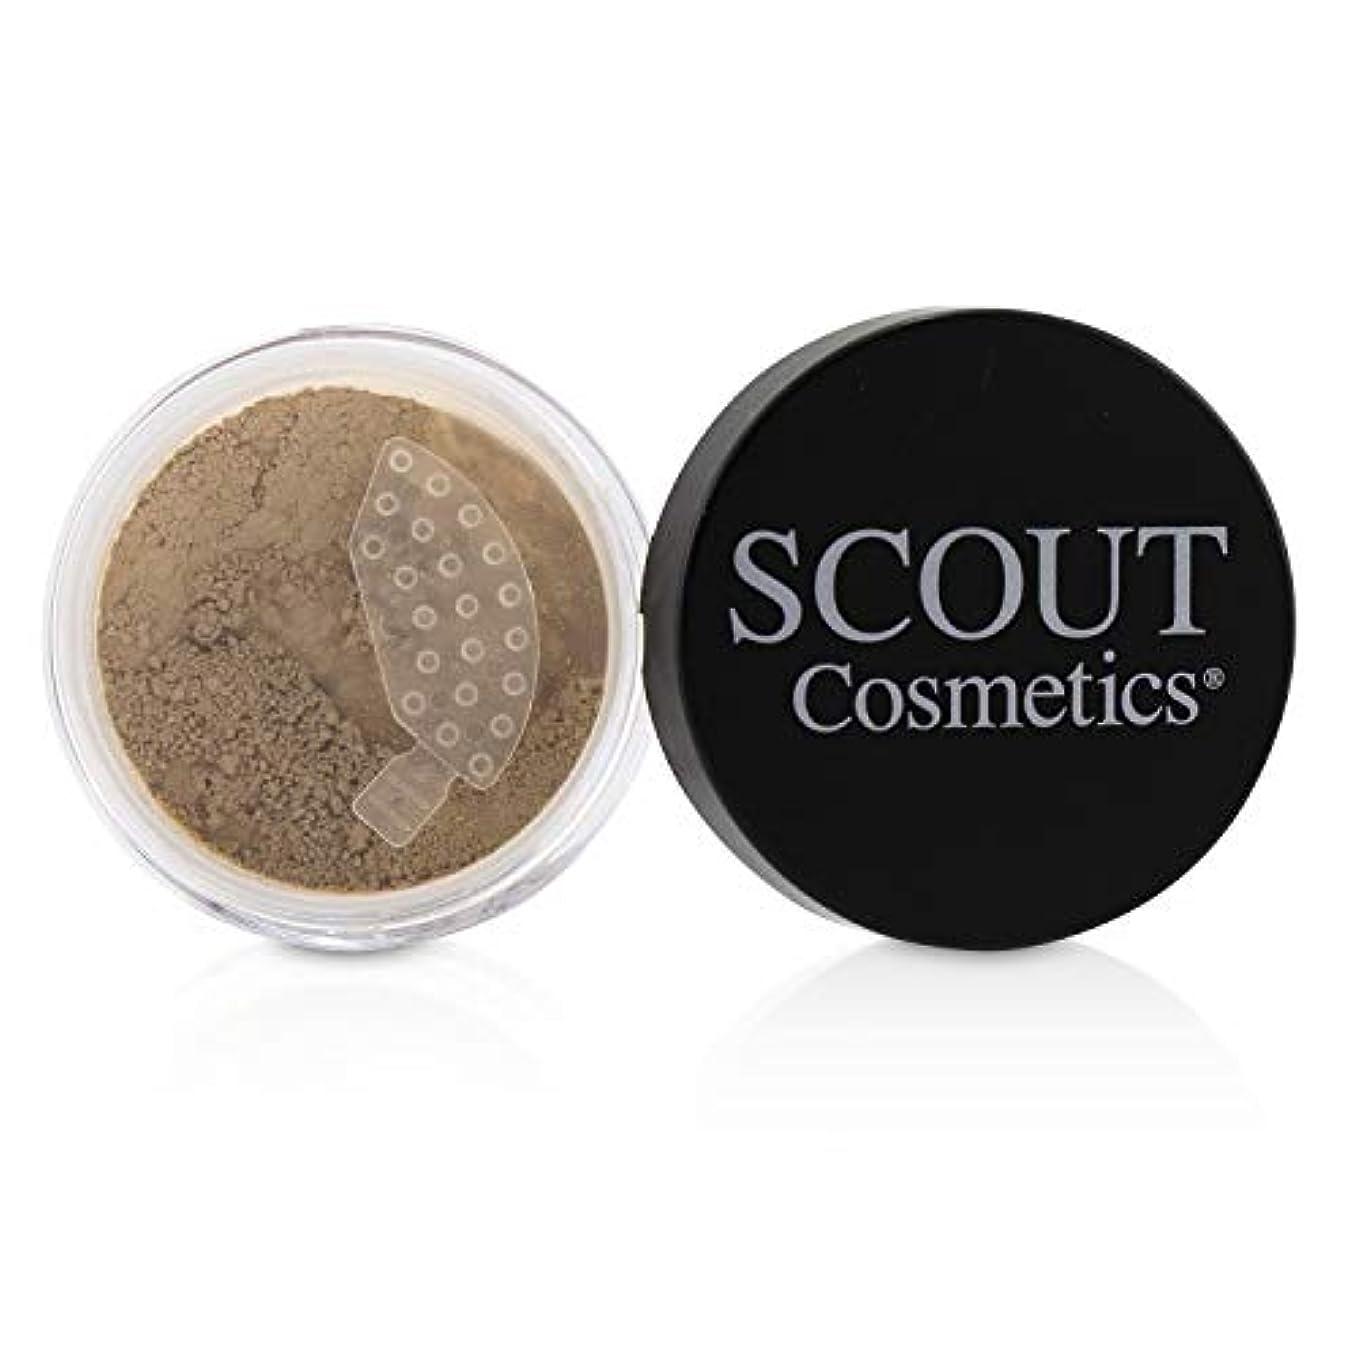 散歩に行くゴミペットSCOUT Cosmetics Mineral Powder Foundation SPF 20 - # Shell 8g/0.28oz並行輸入品